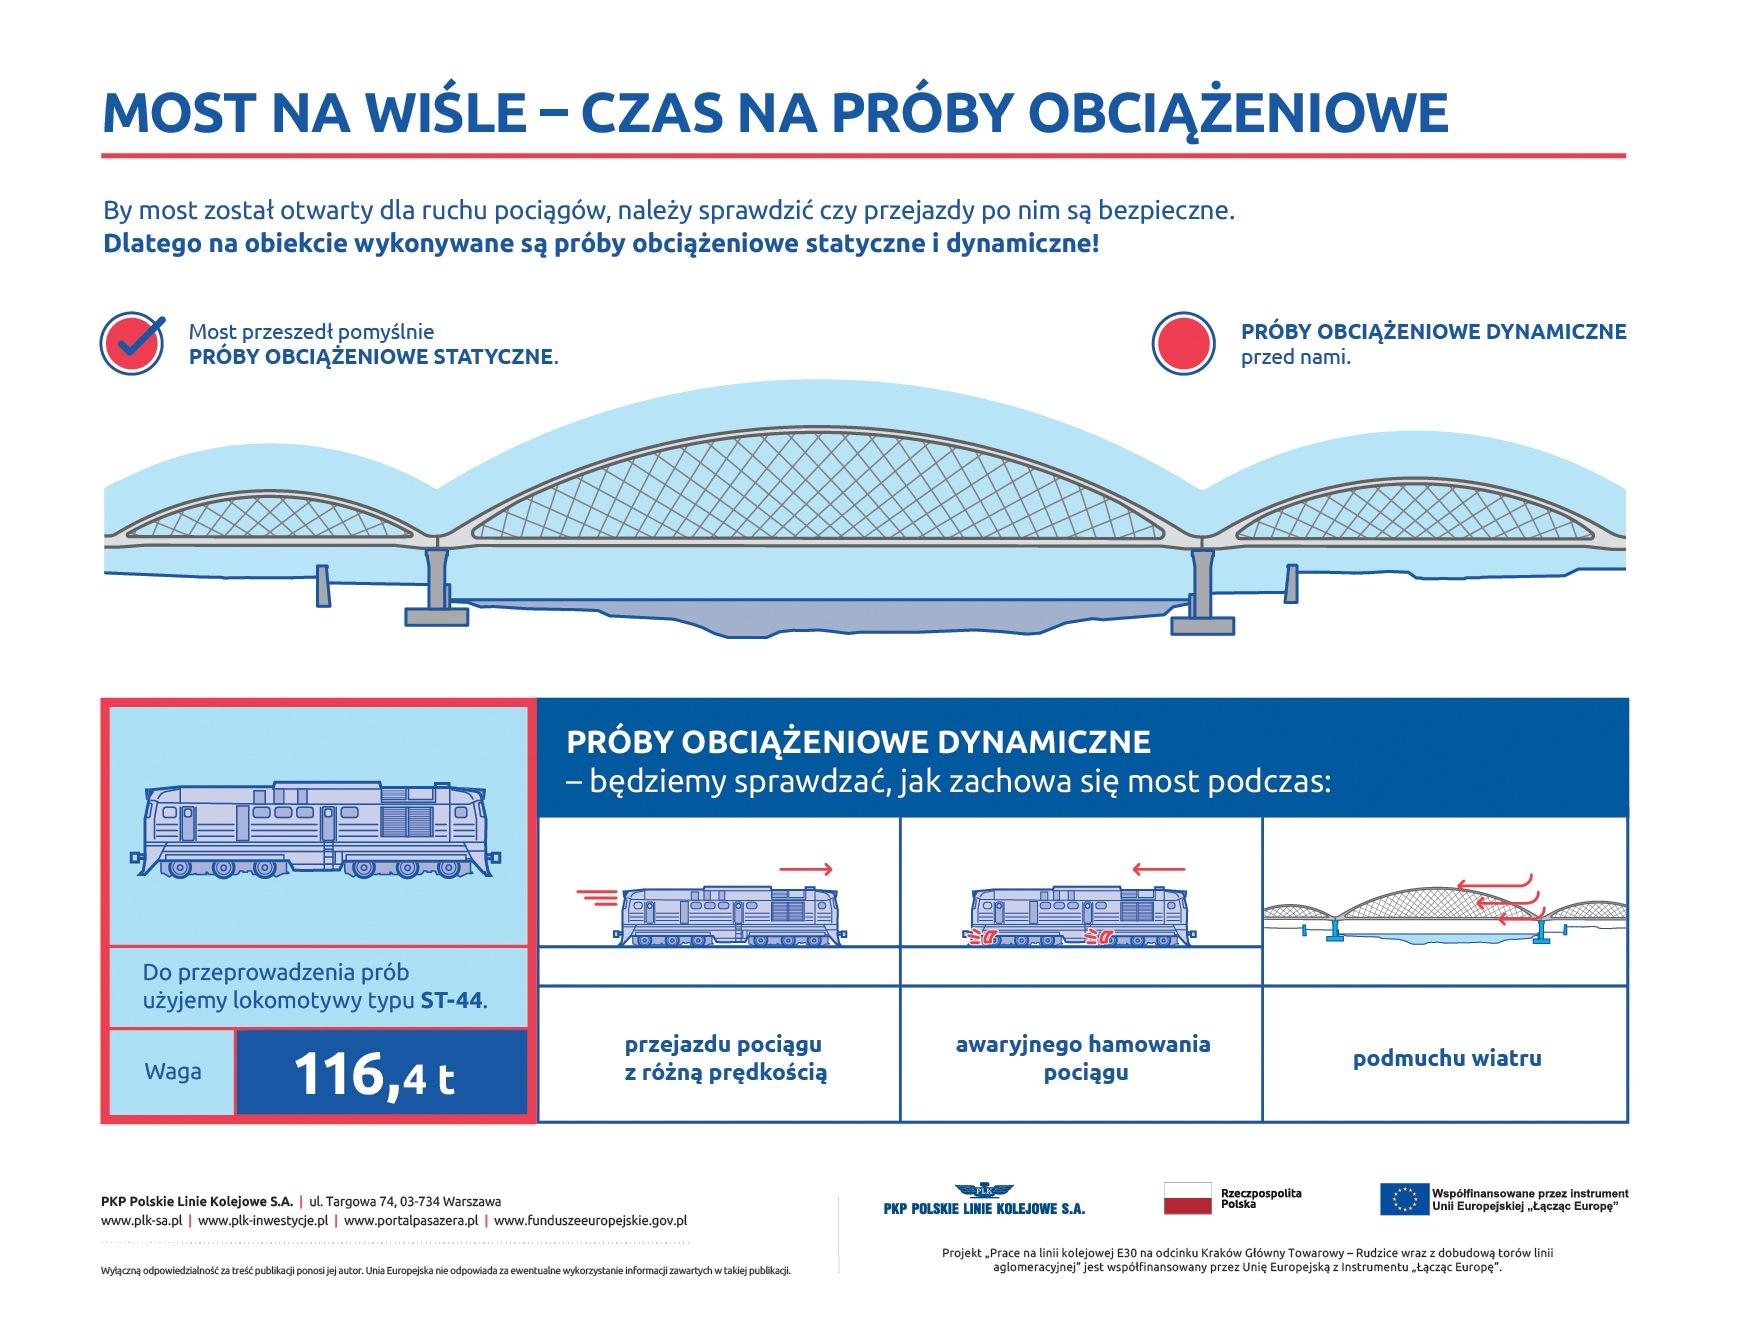 Most na Wiśle - czas na próby obciążeniowe infografika